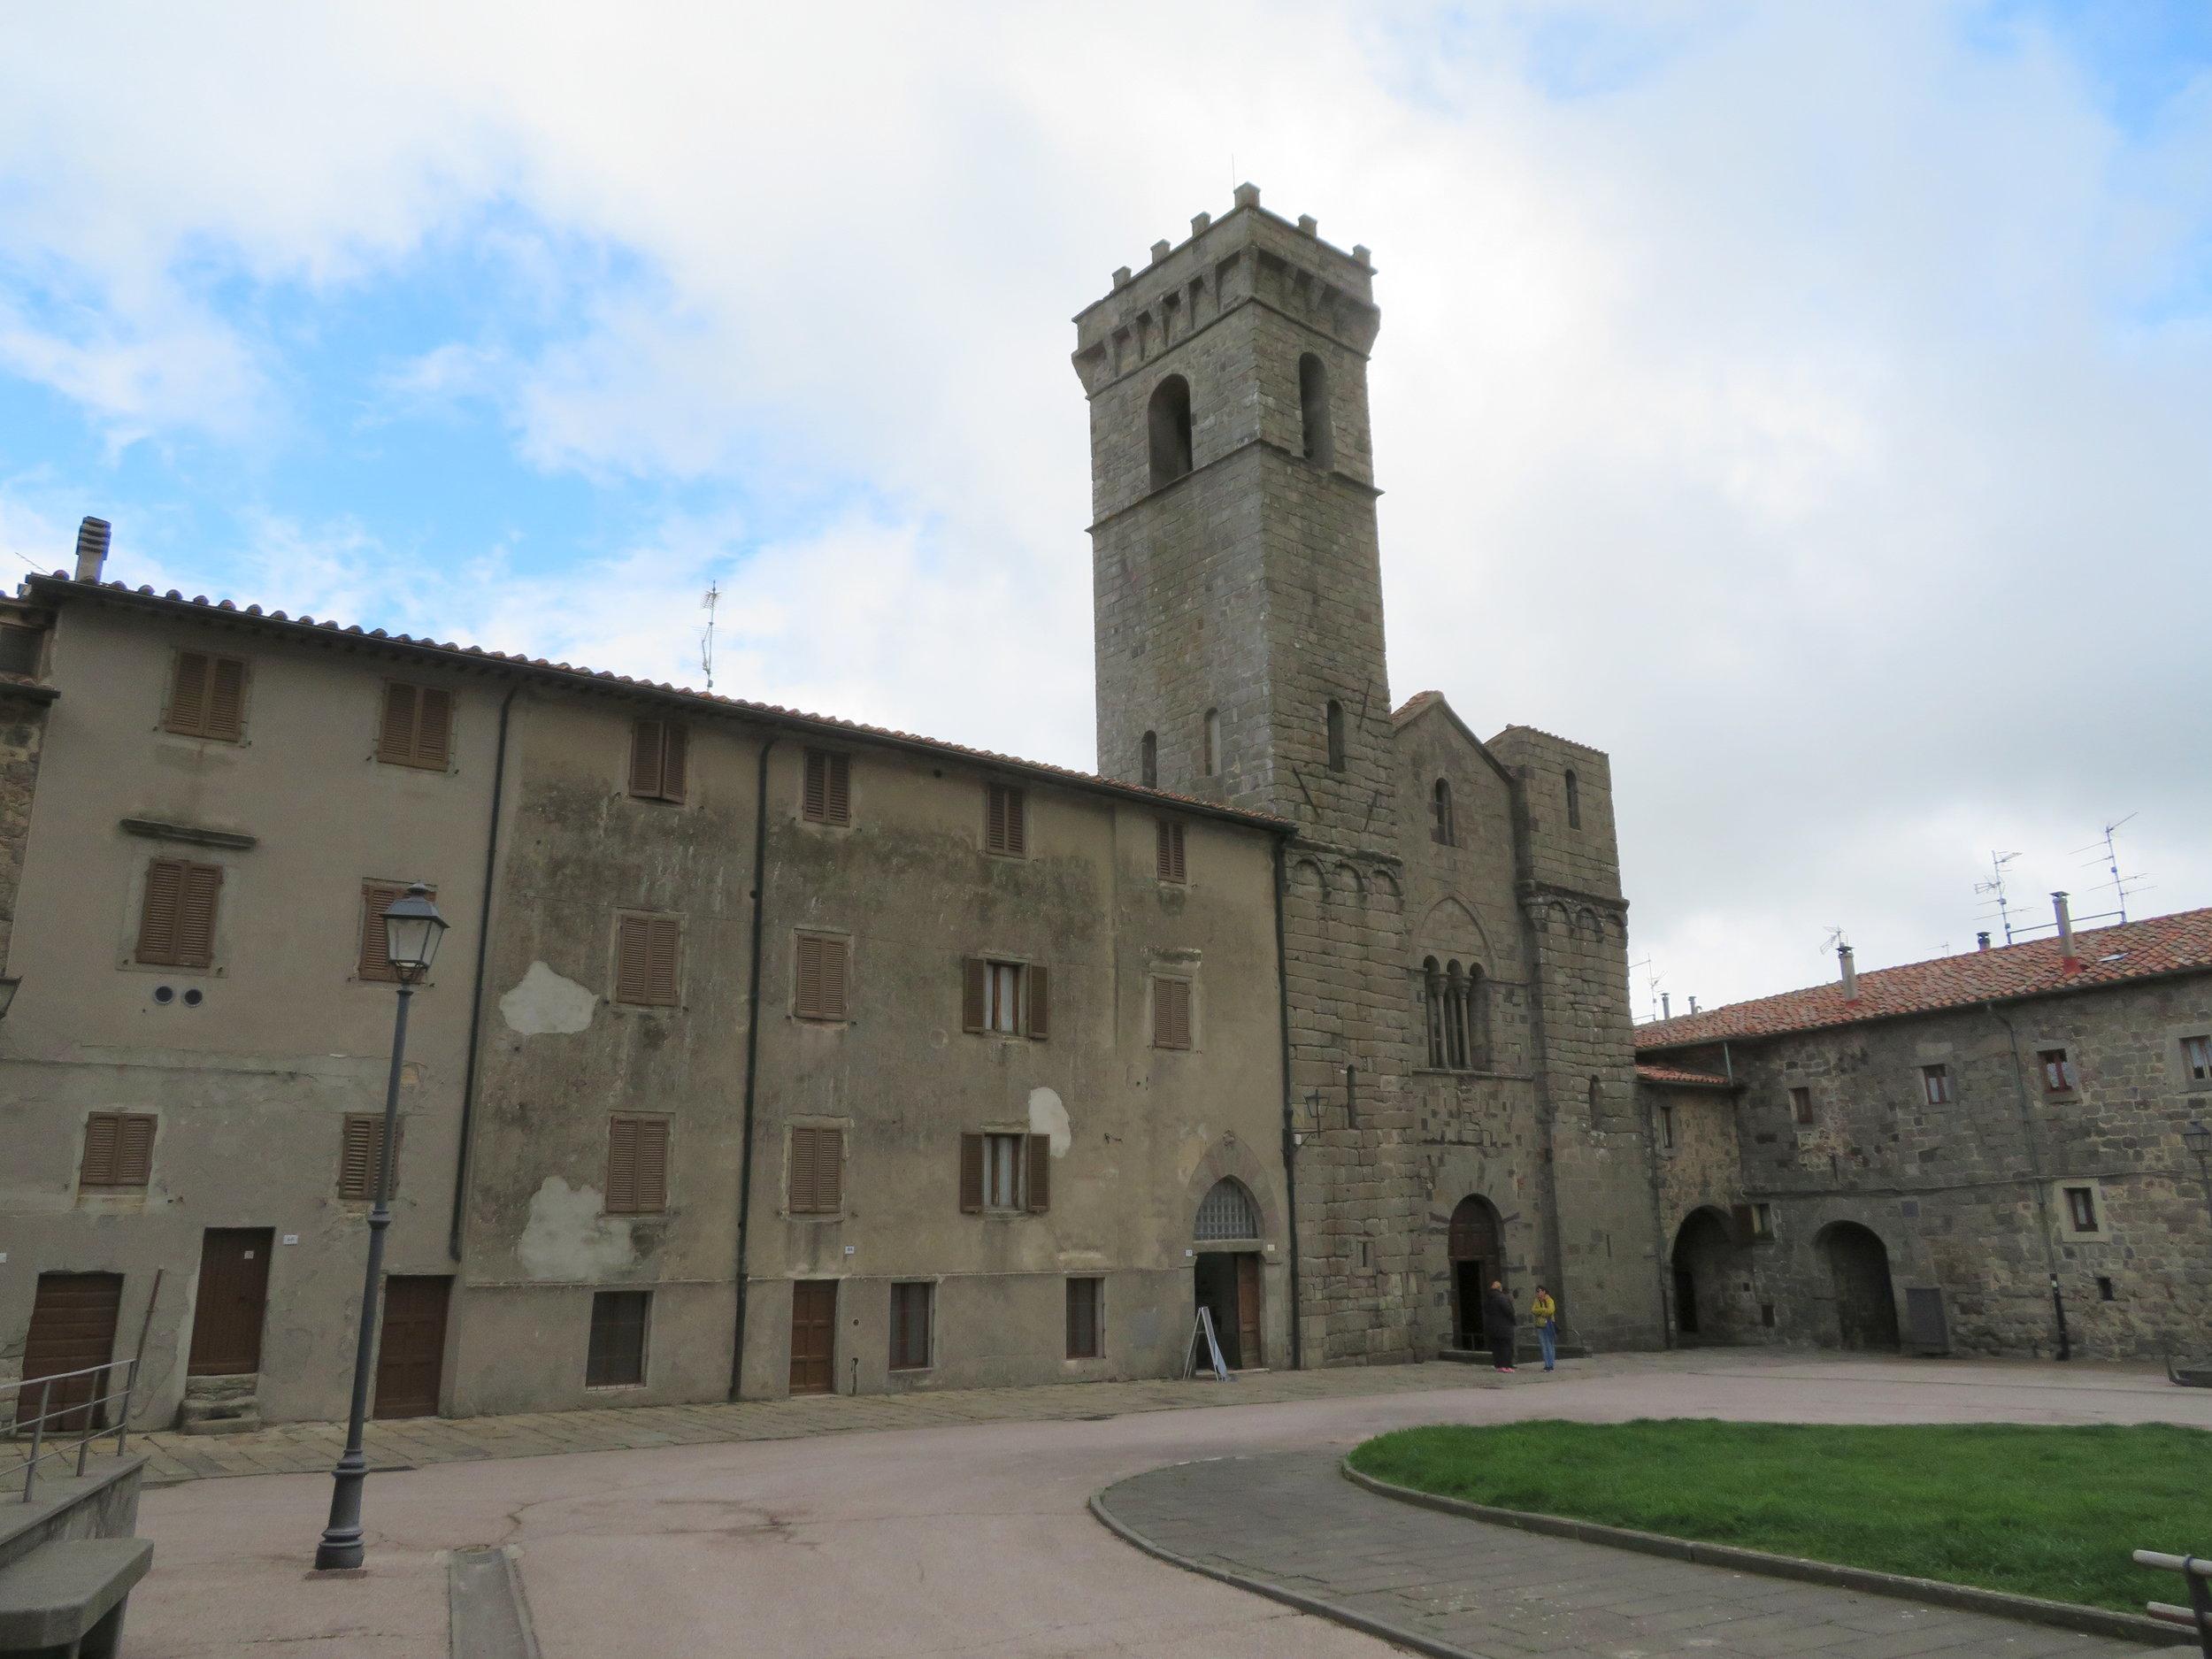 Abbazia San Salvatore - 743 AD